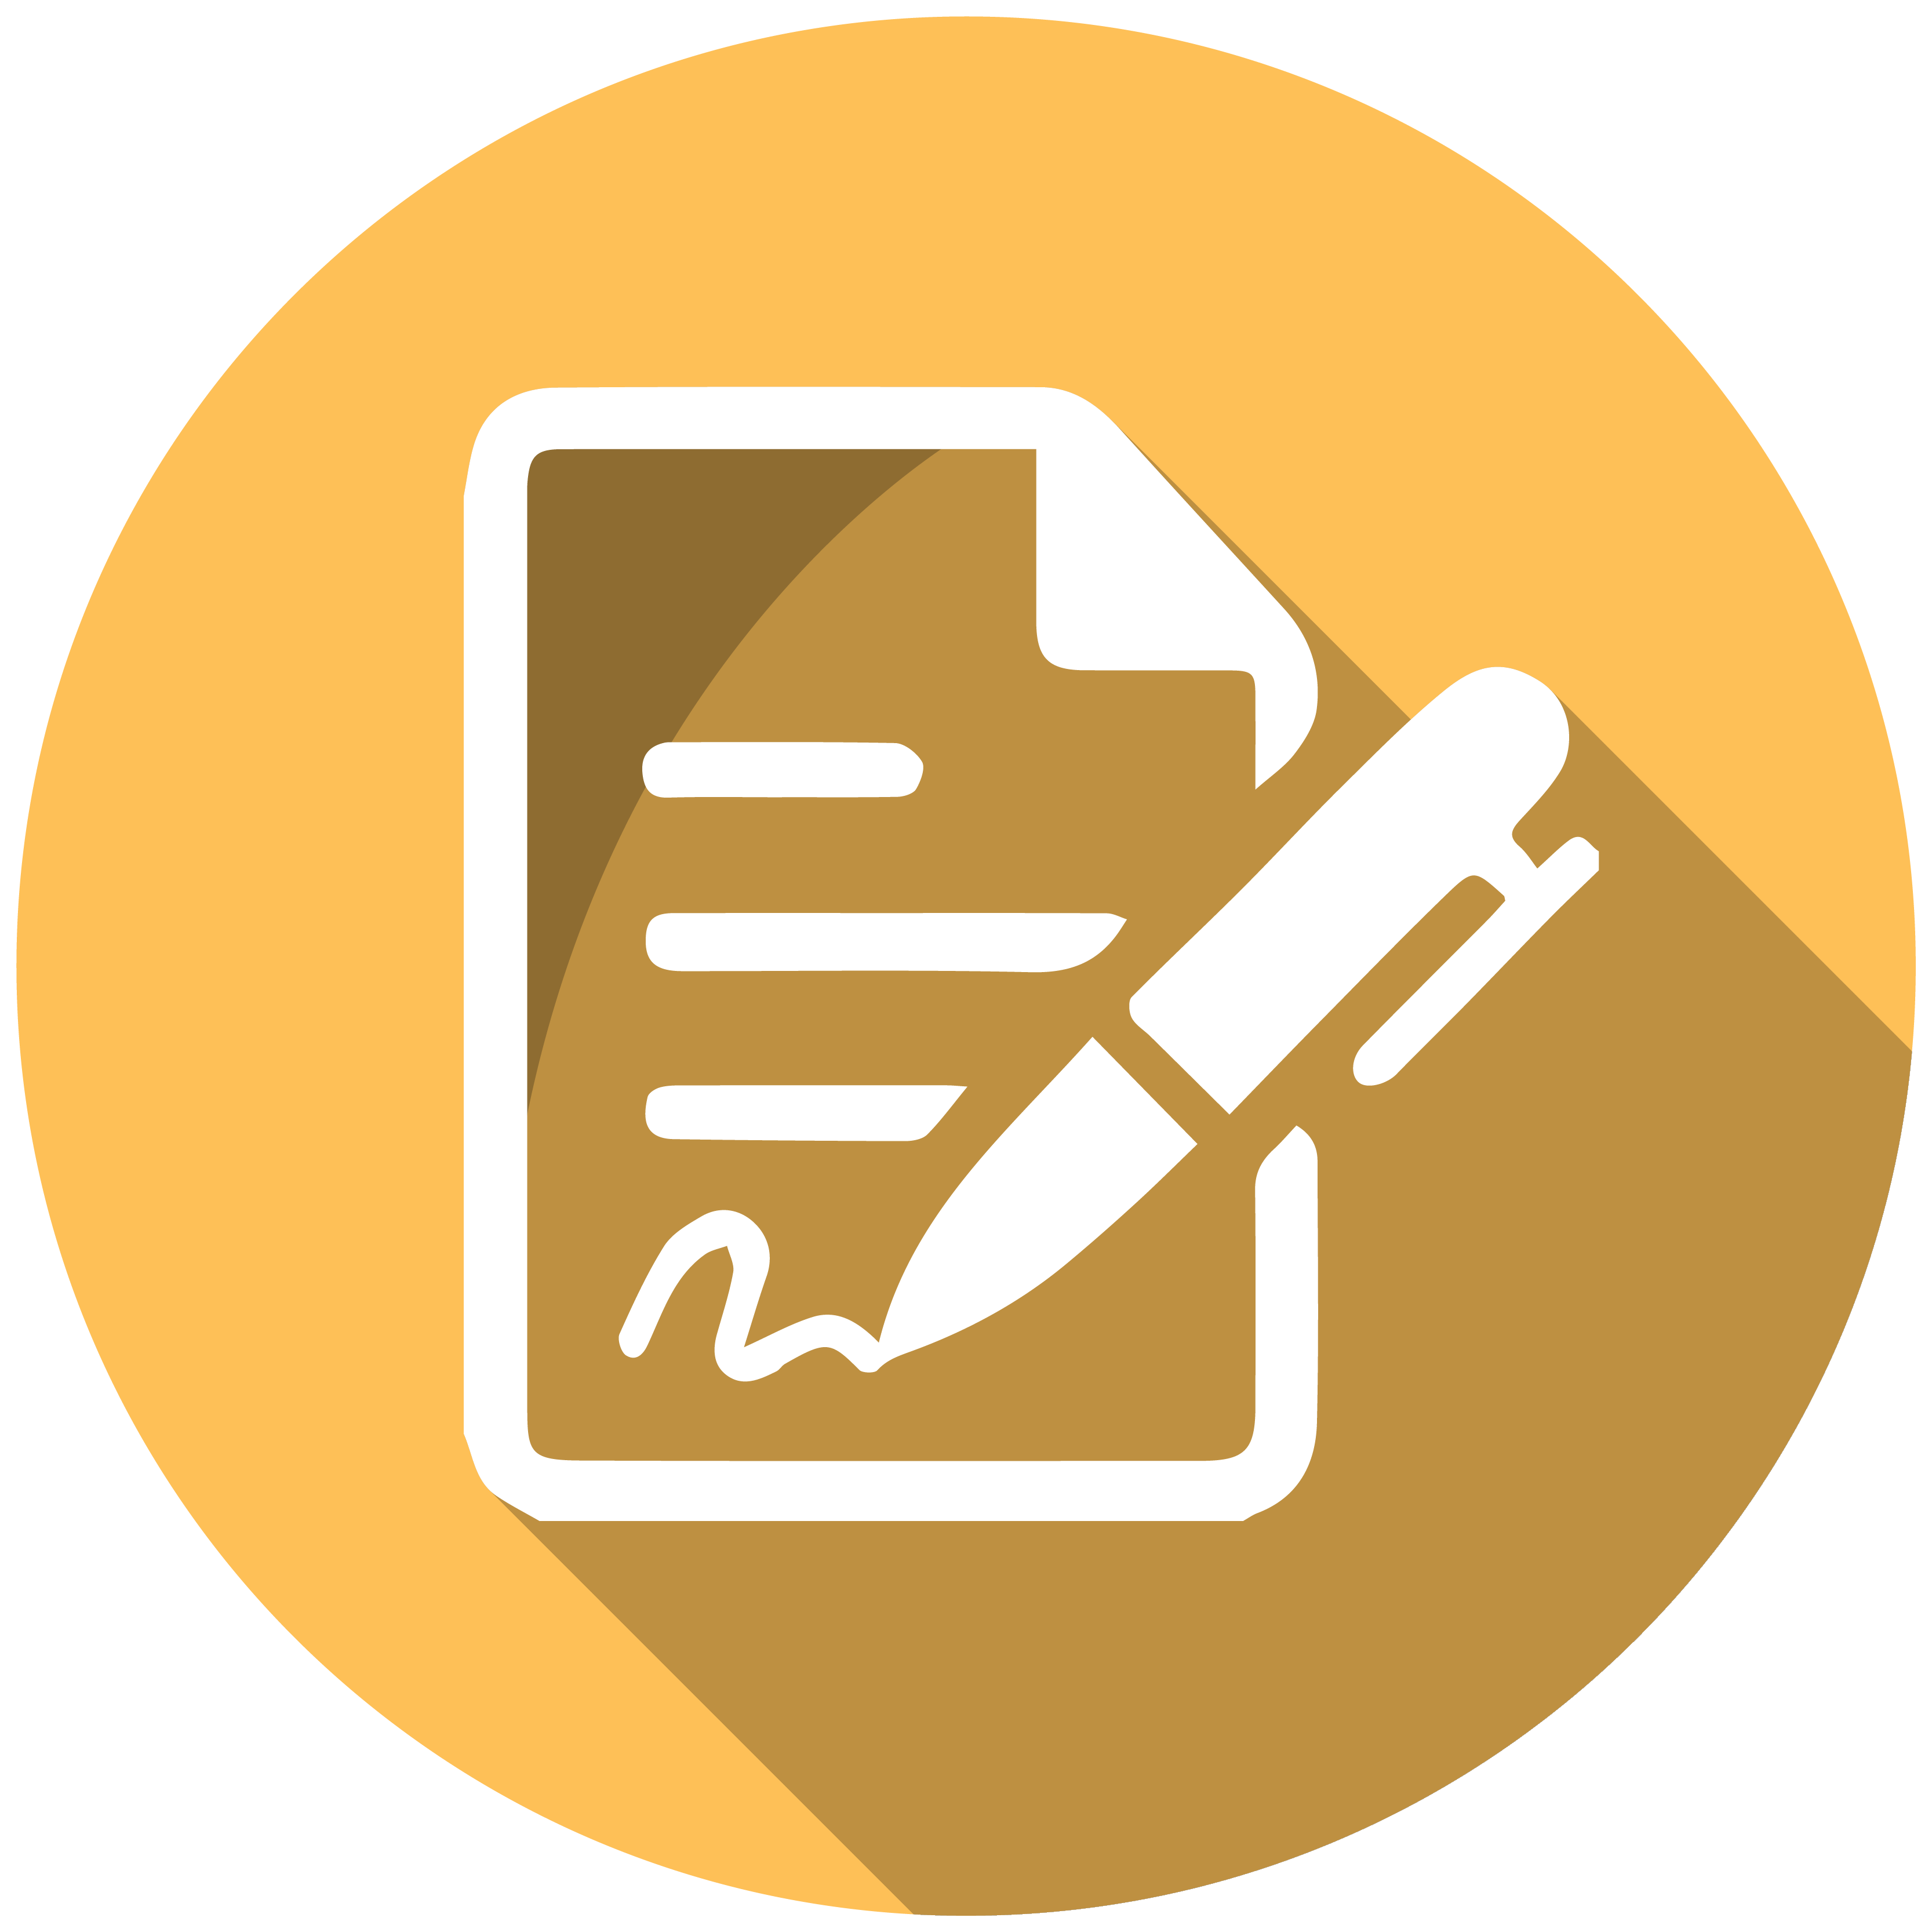 خرید آنلاین پروژه تحلیل و طراحی آبمیوه گیری صنعتی در کتیا با نقشه های اجرایی کتیا و توضیحات